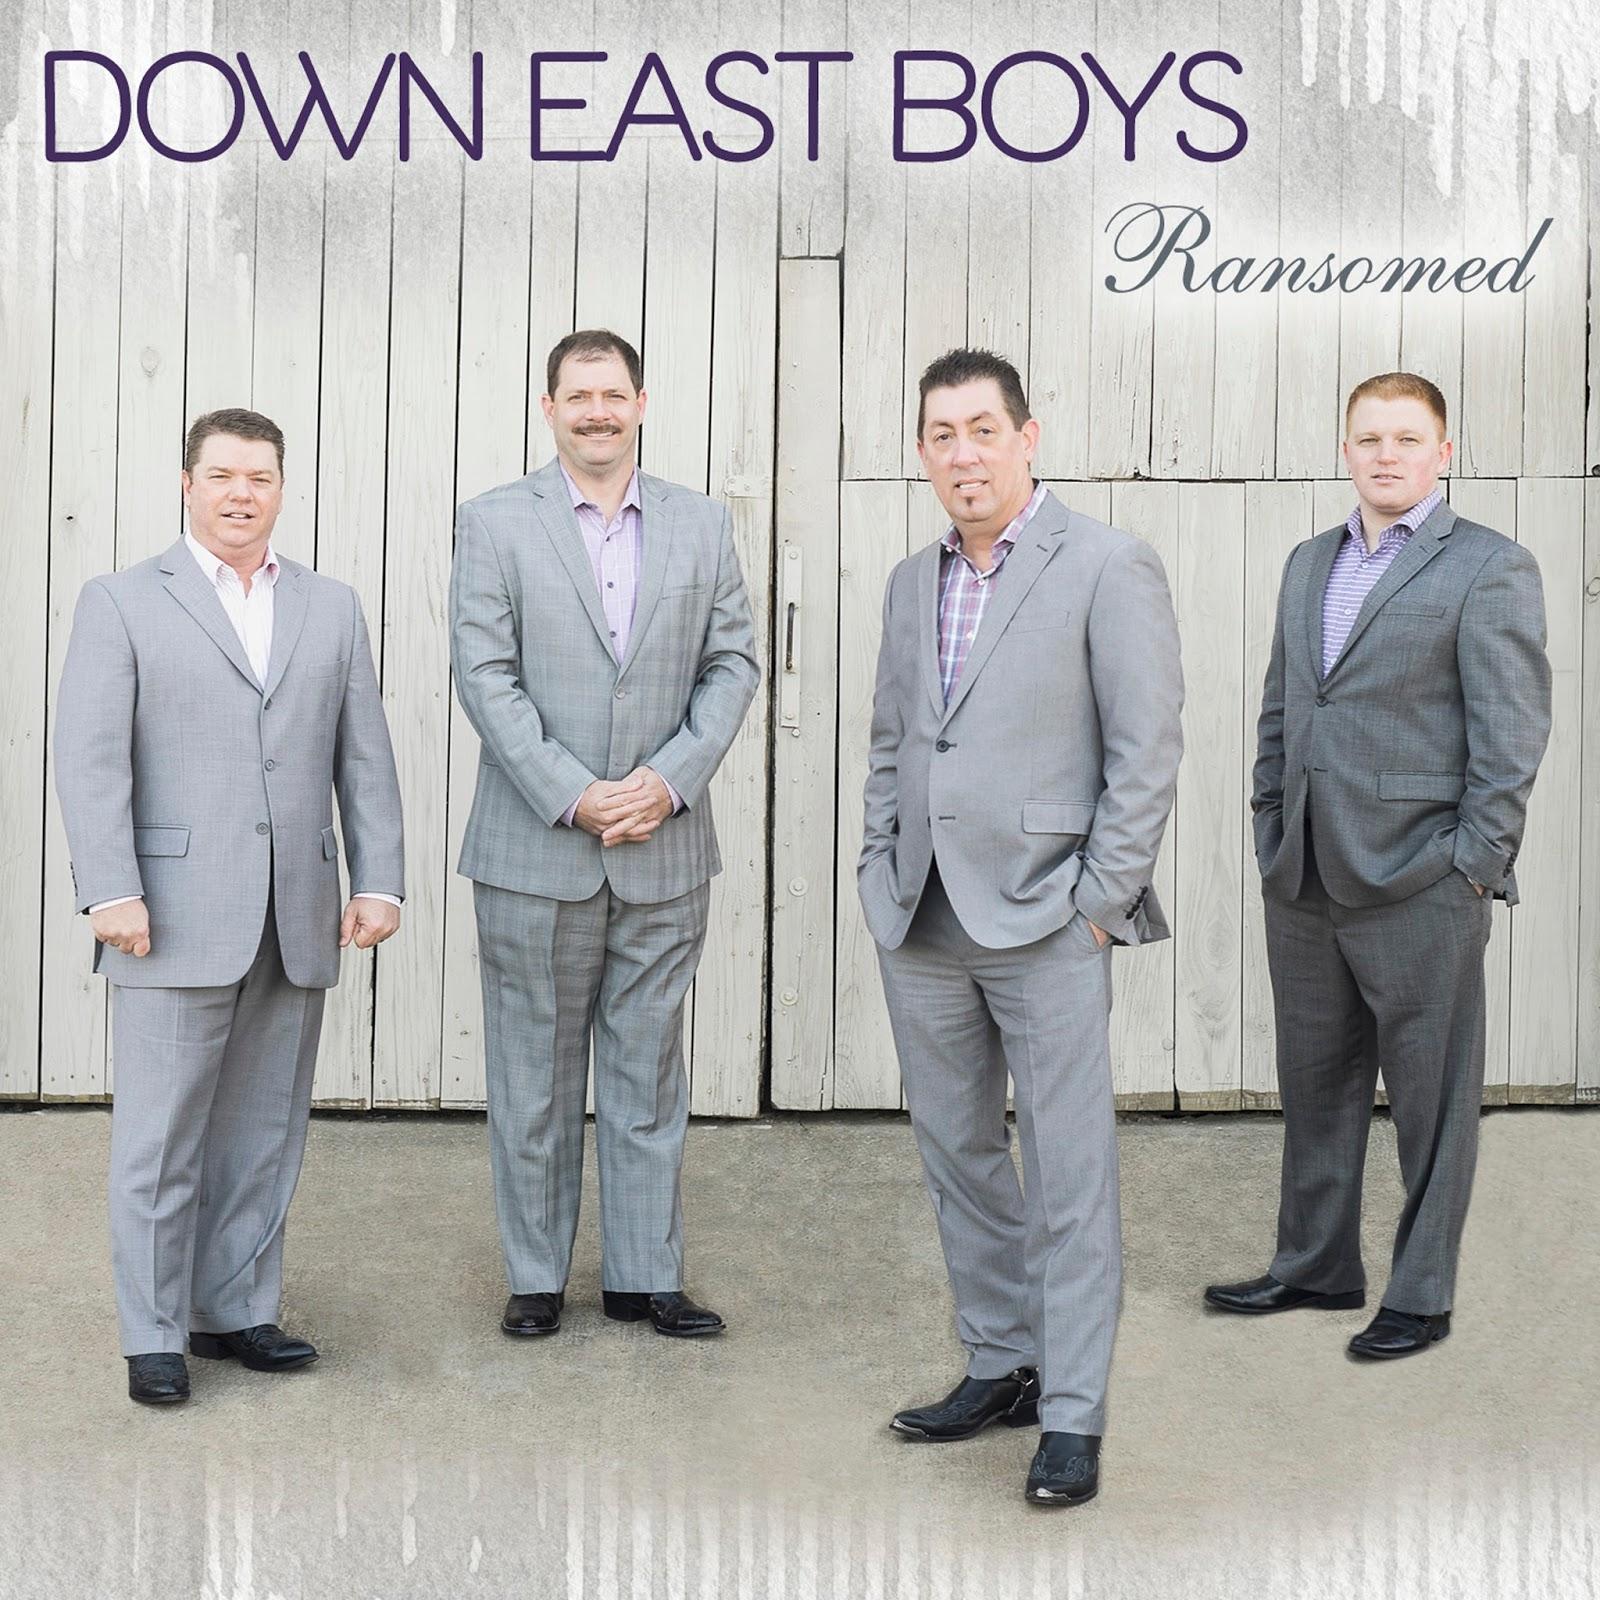 East boys.com